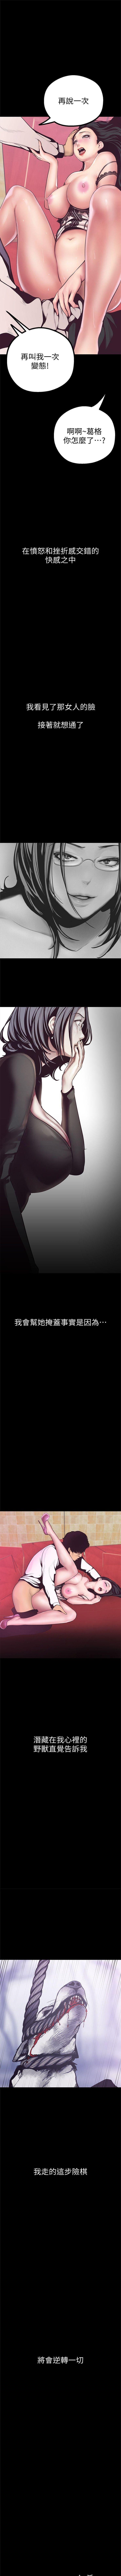 (週1)美麗新世界 1-76 中文翻譯 (更新中) 72